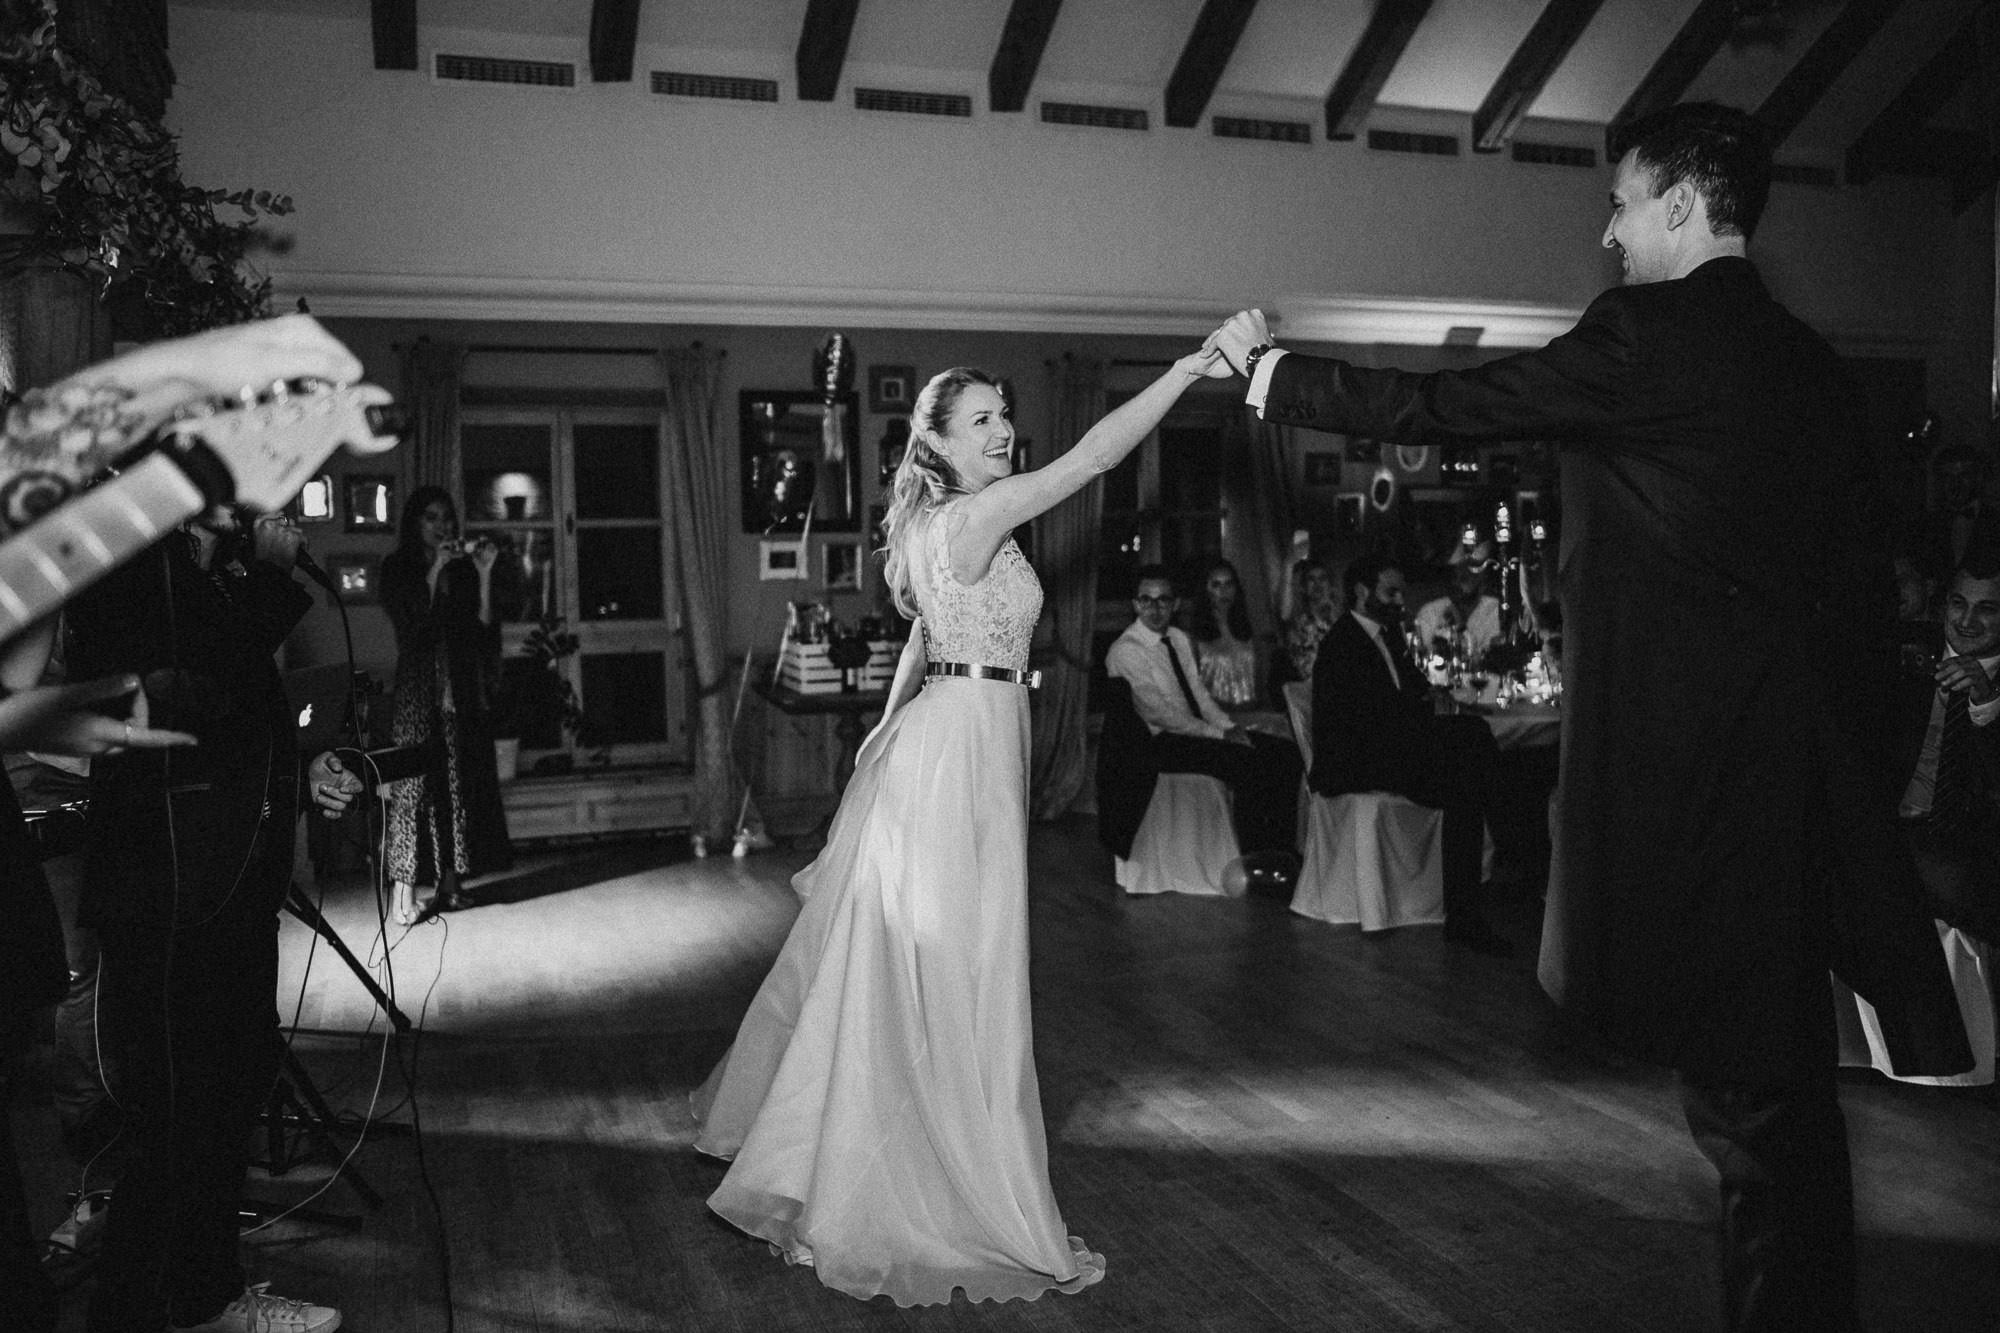 Erster Tanz des Brautpaares auf Gut Kaltenbrunn